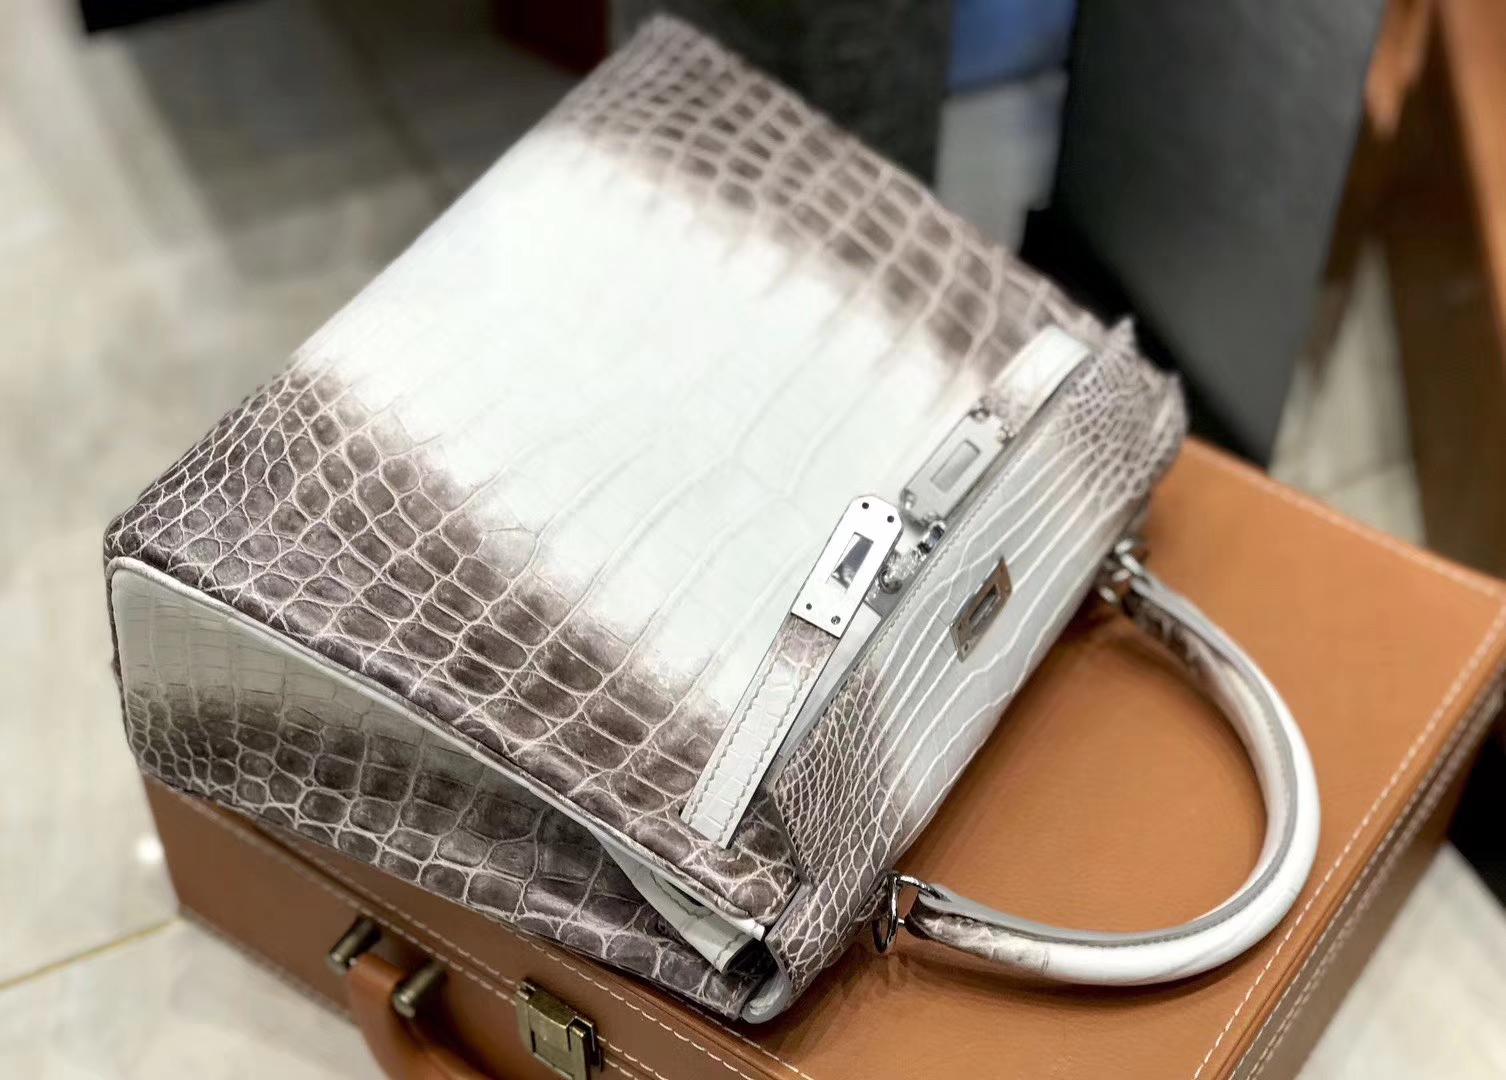 Hermès(爱马仕)Kelly 凯莉包 喜马拉雅 特级鳄鱼皮 全手工缝制 银扣 25cm